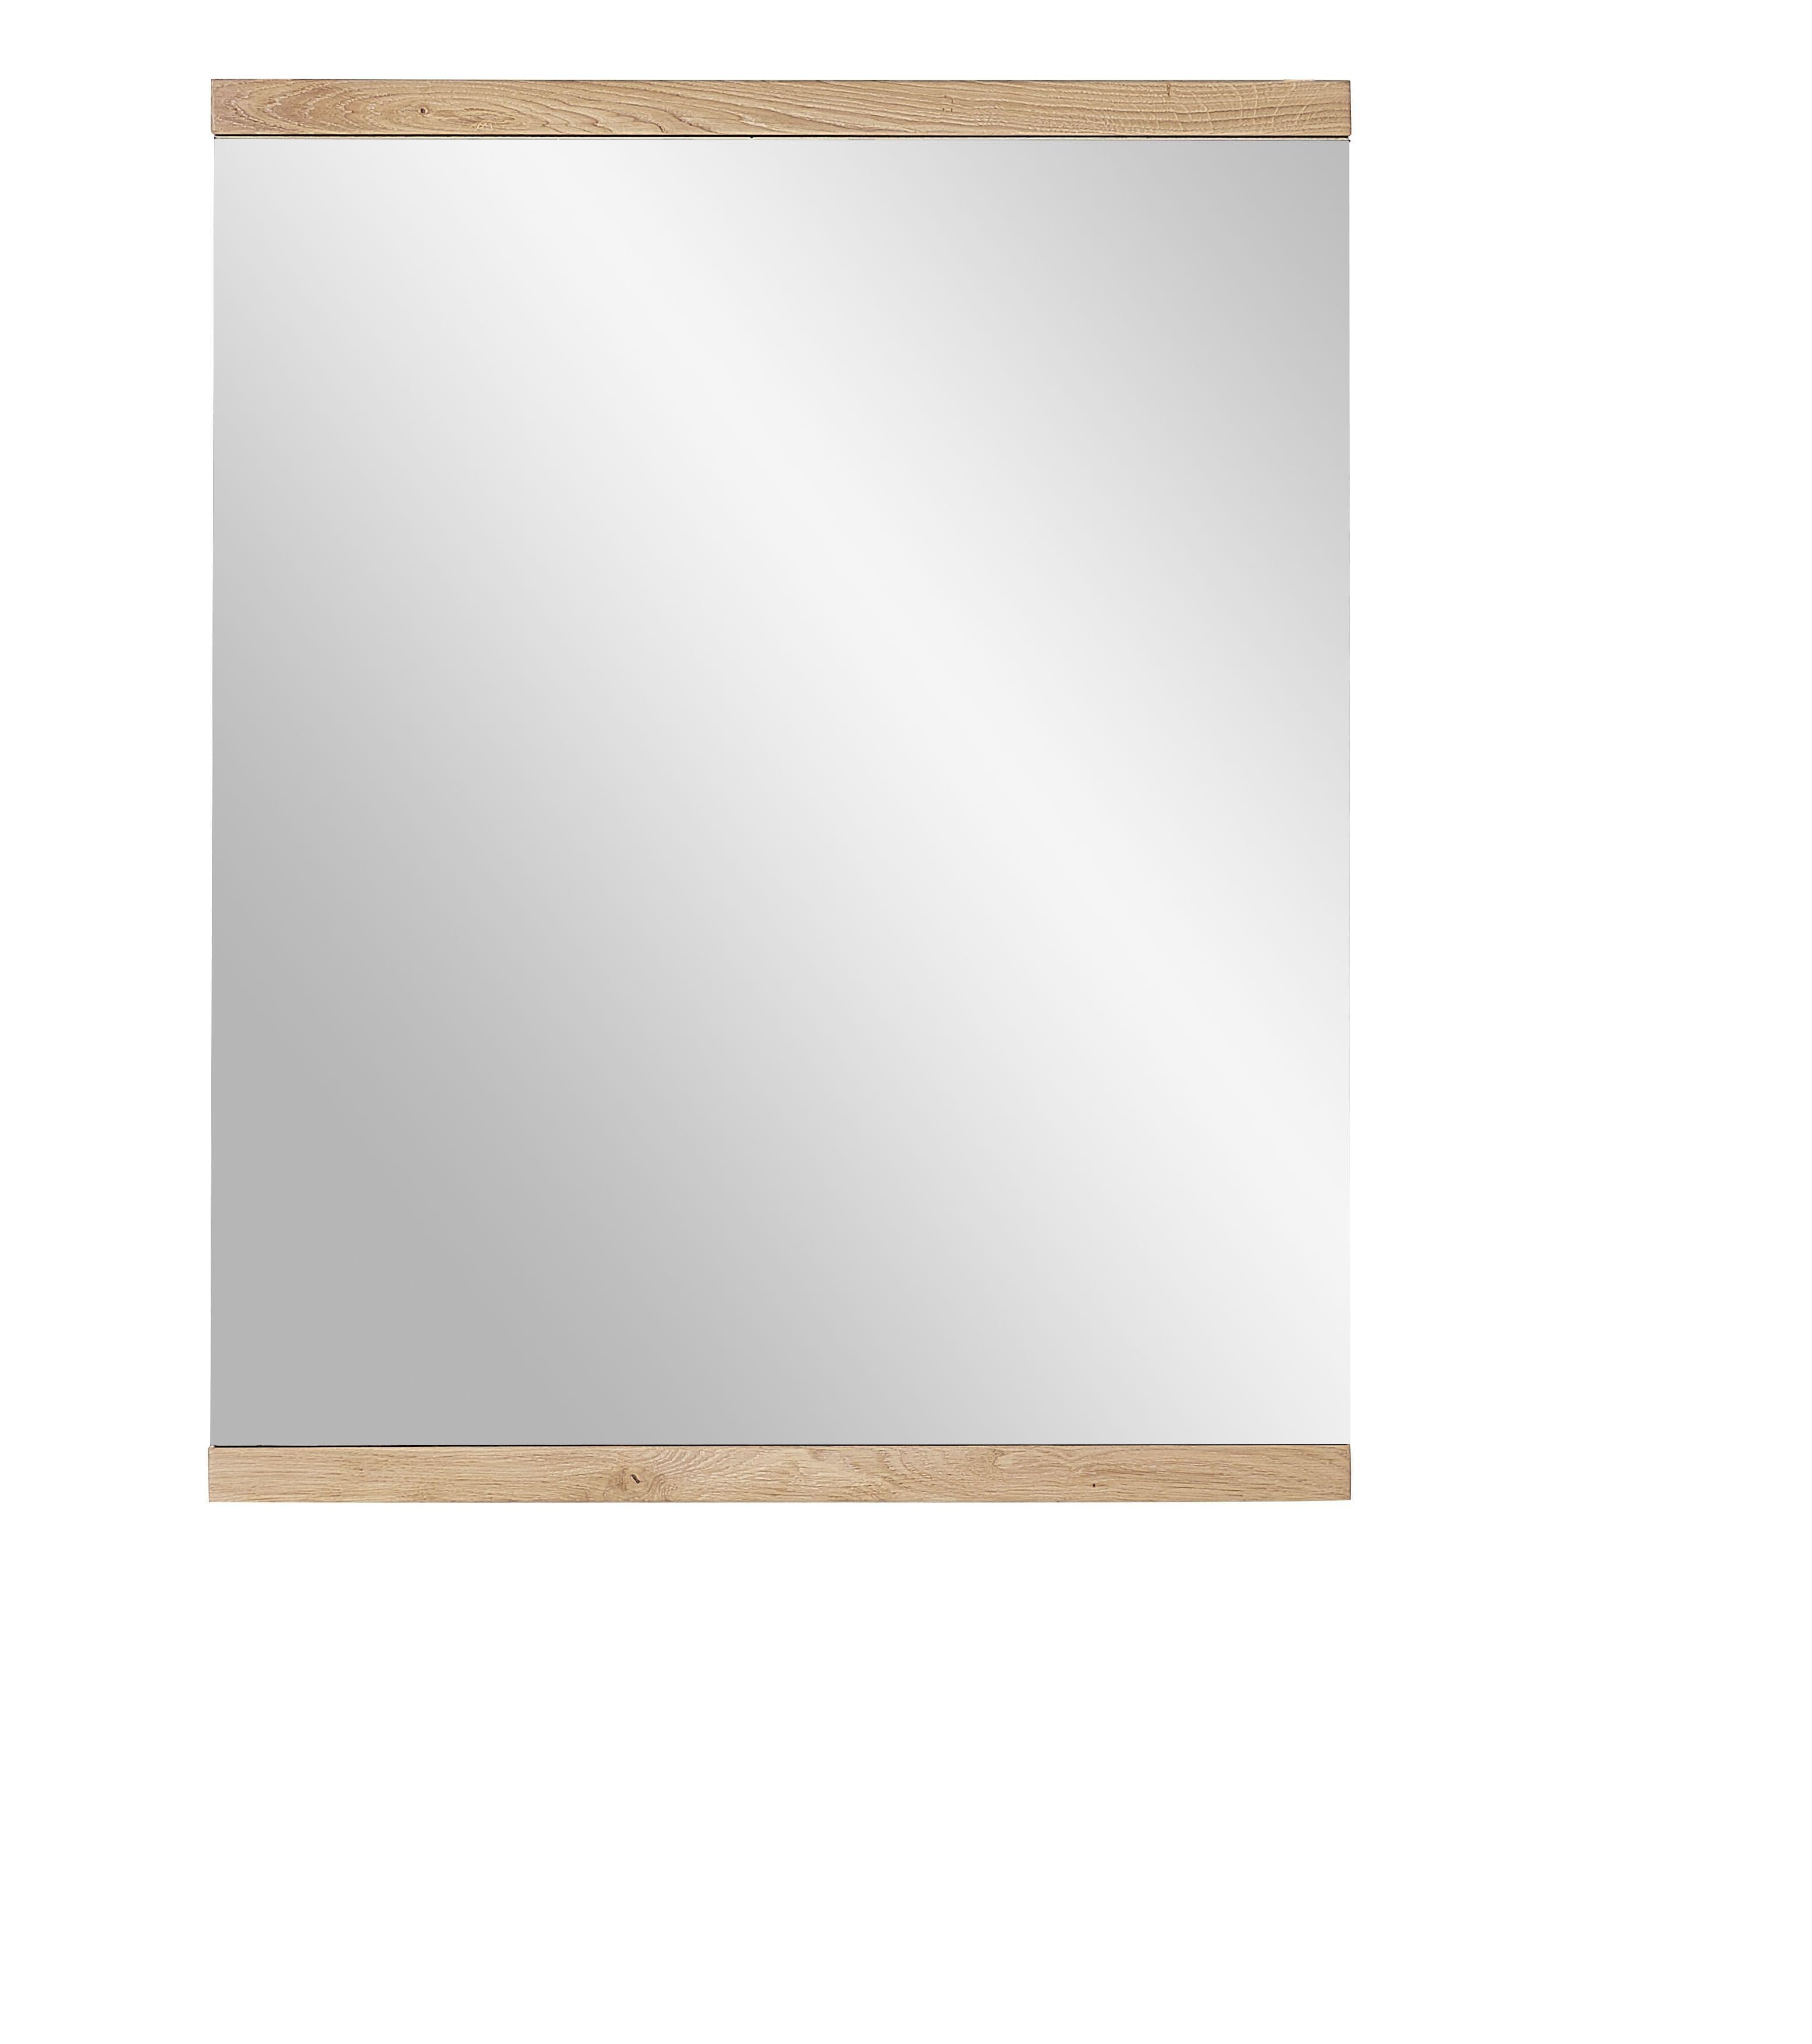 Oglinda din furnir si lemn Crispin Natur, 71 x 88 cm poza